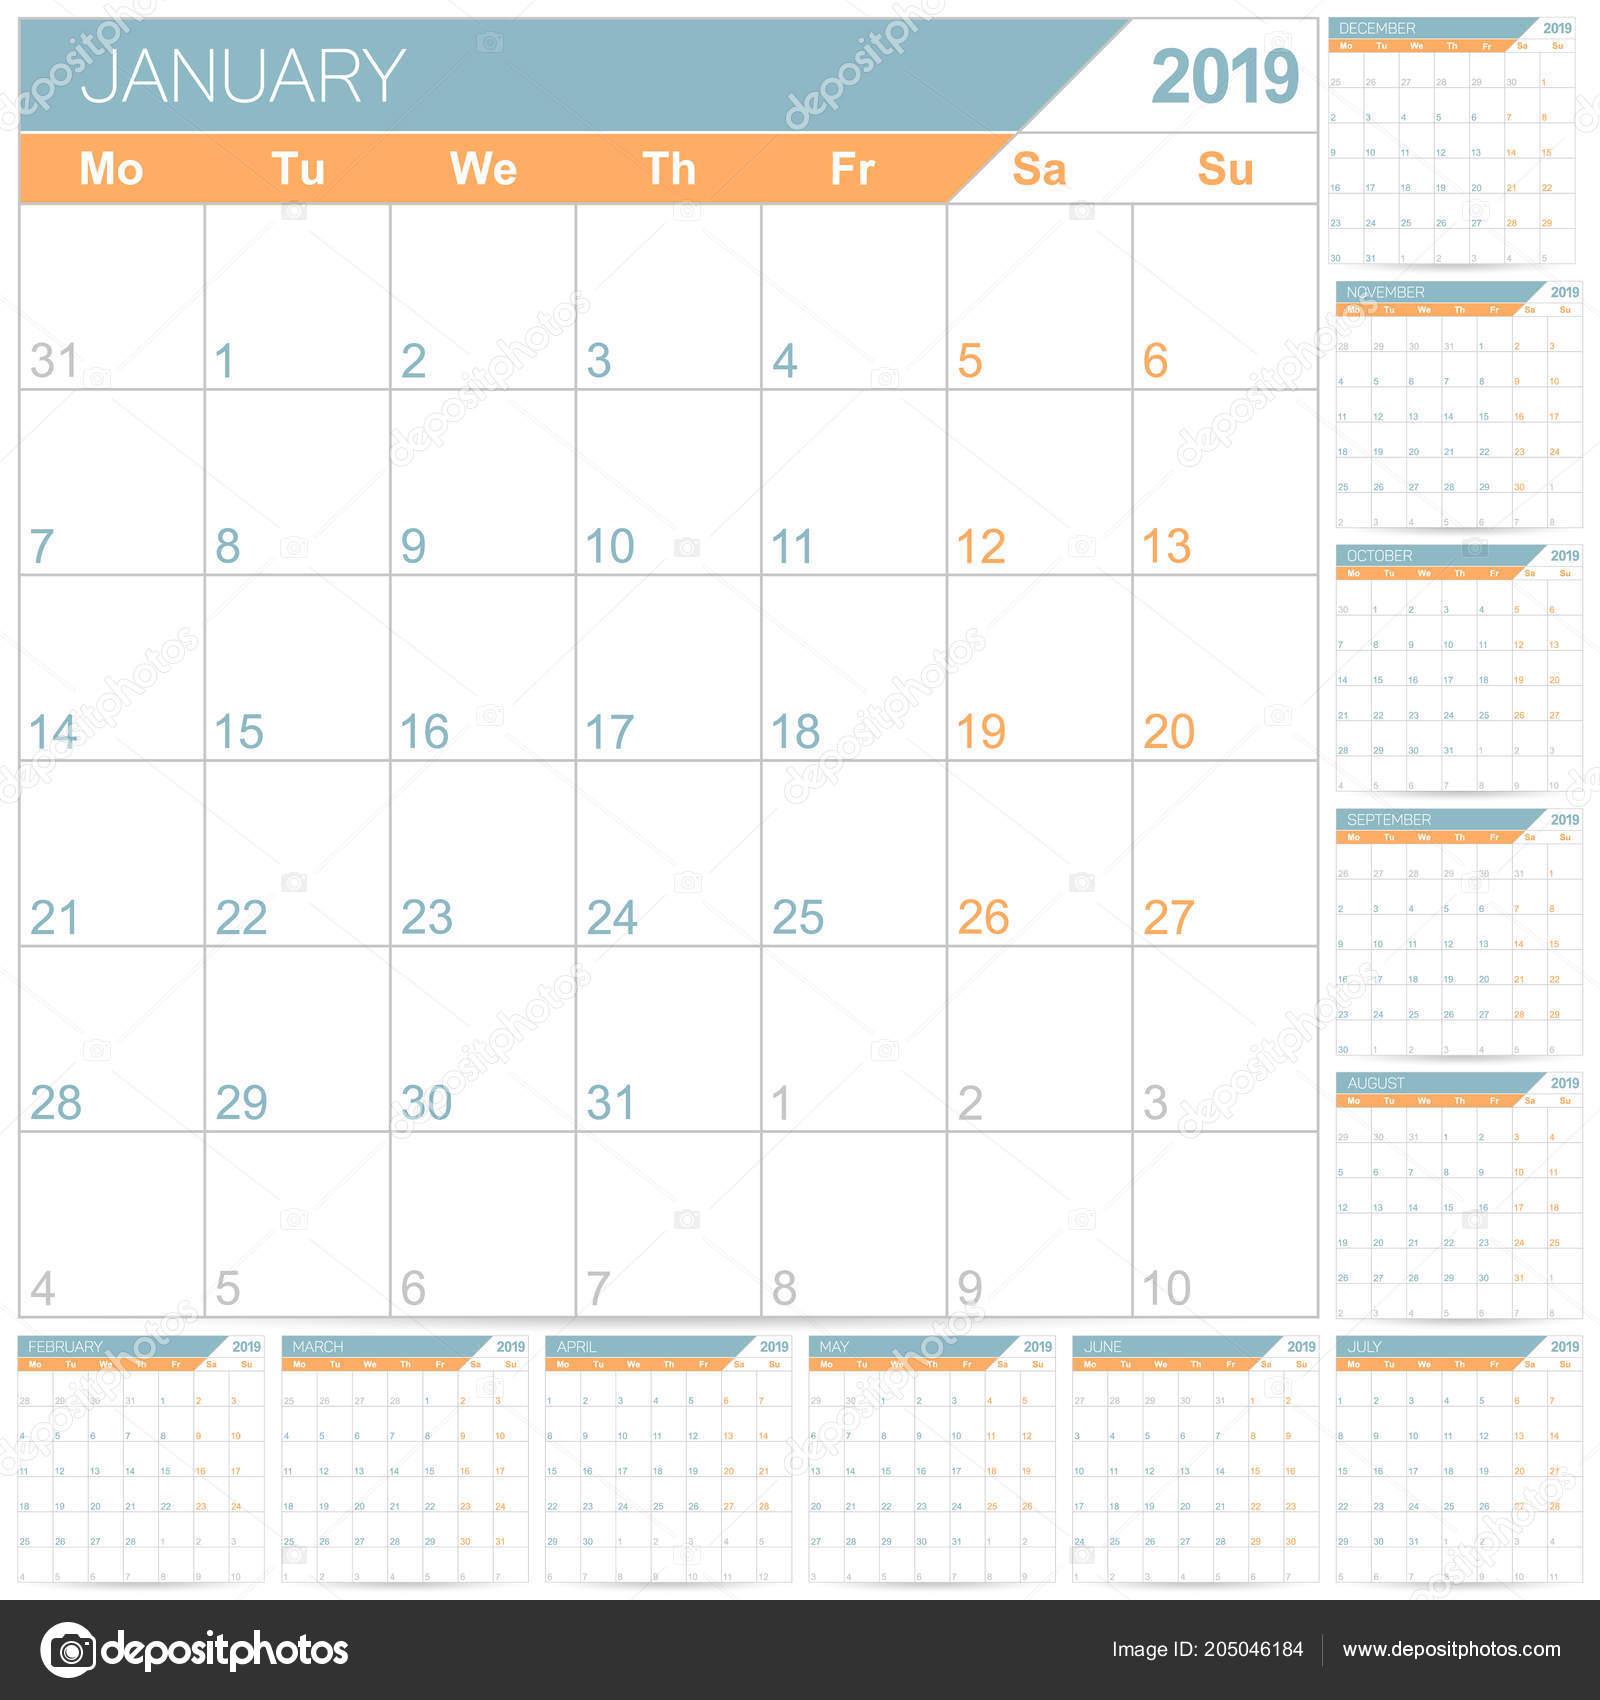 Calendario 2019 English.English Planning Calendar 2019 English Calendar Template